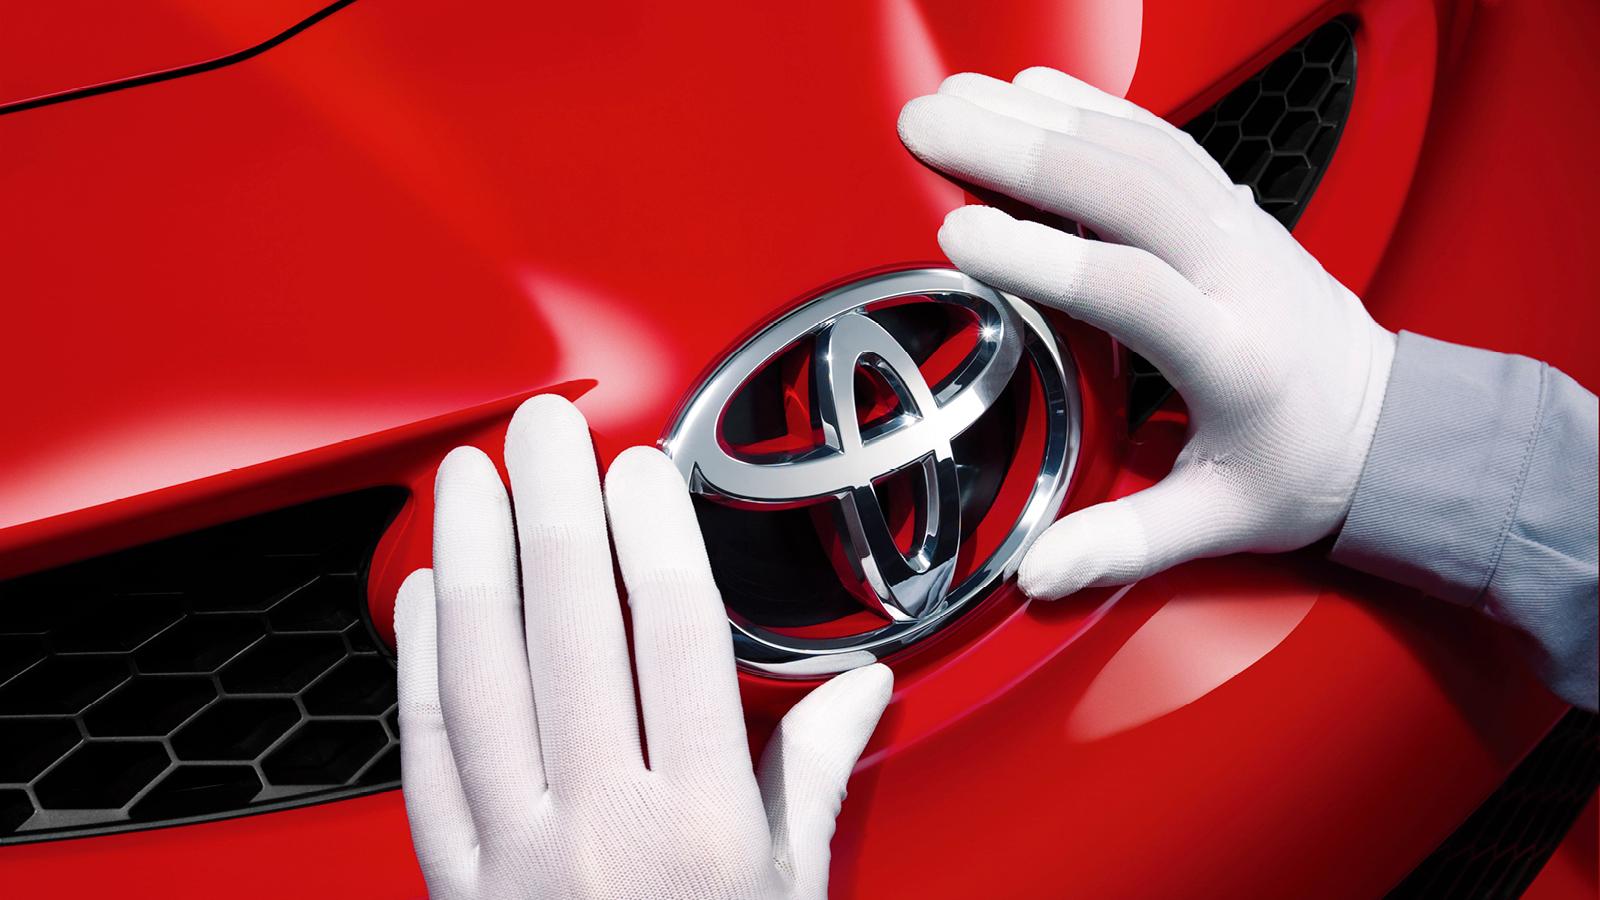 Toyota-Elipse-og-hender